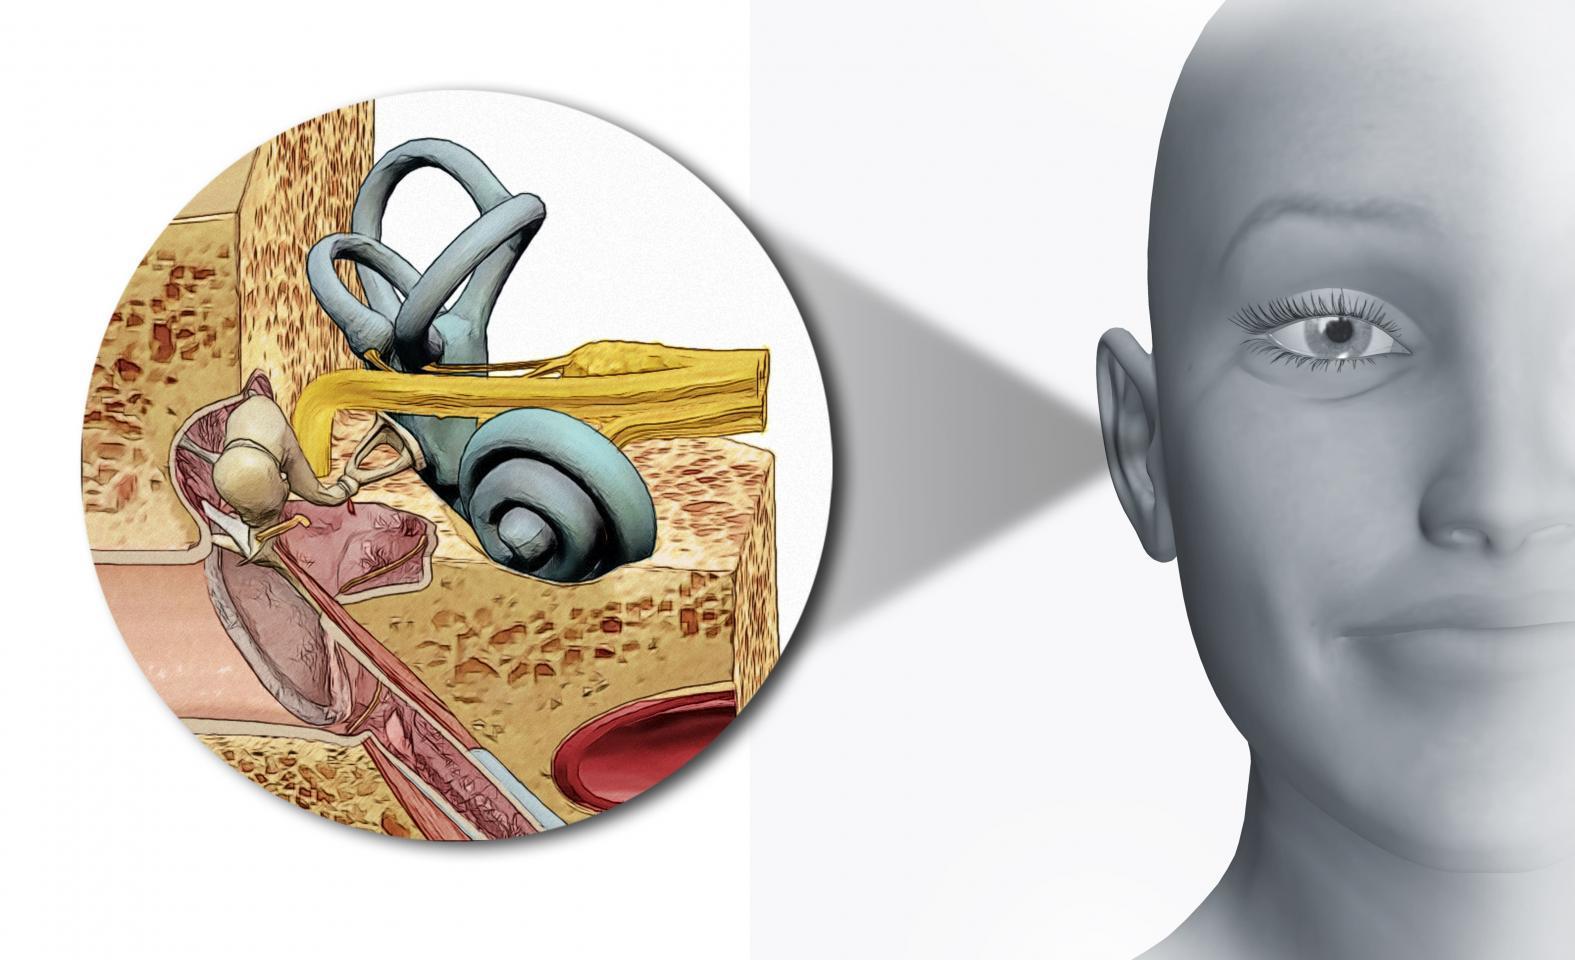 схематическое изображение внутреннего уха